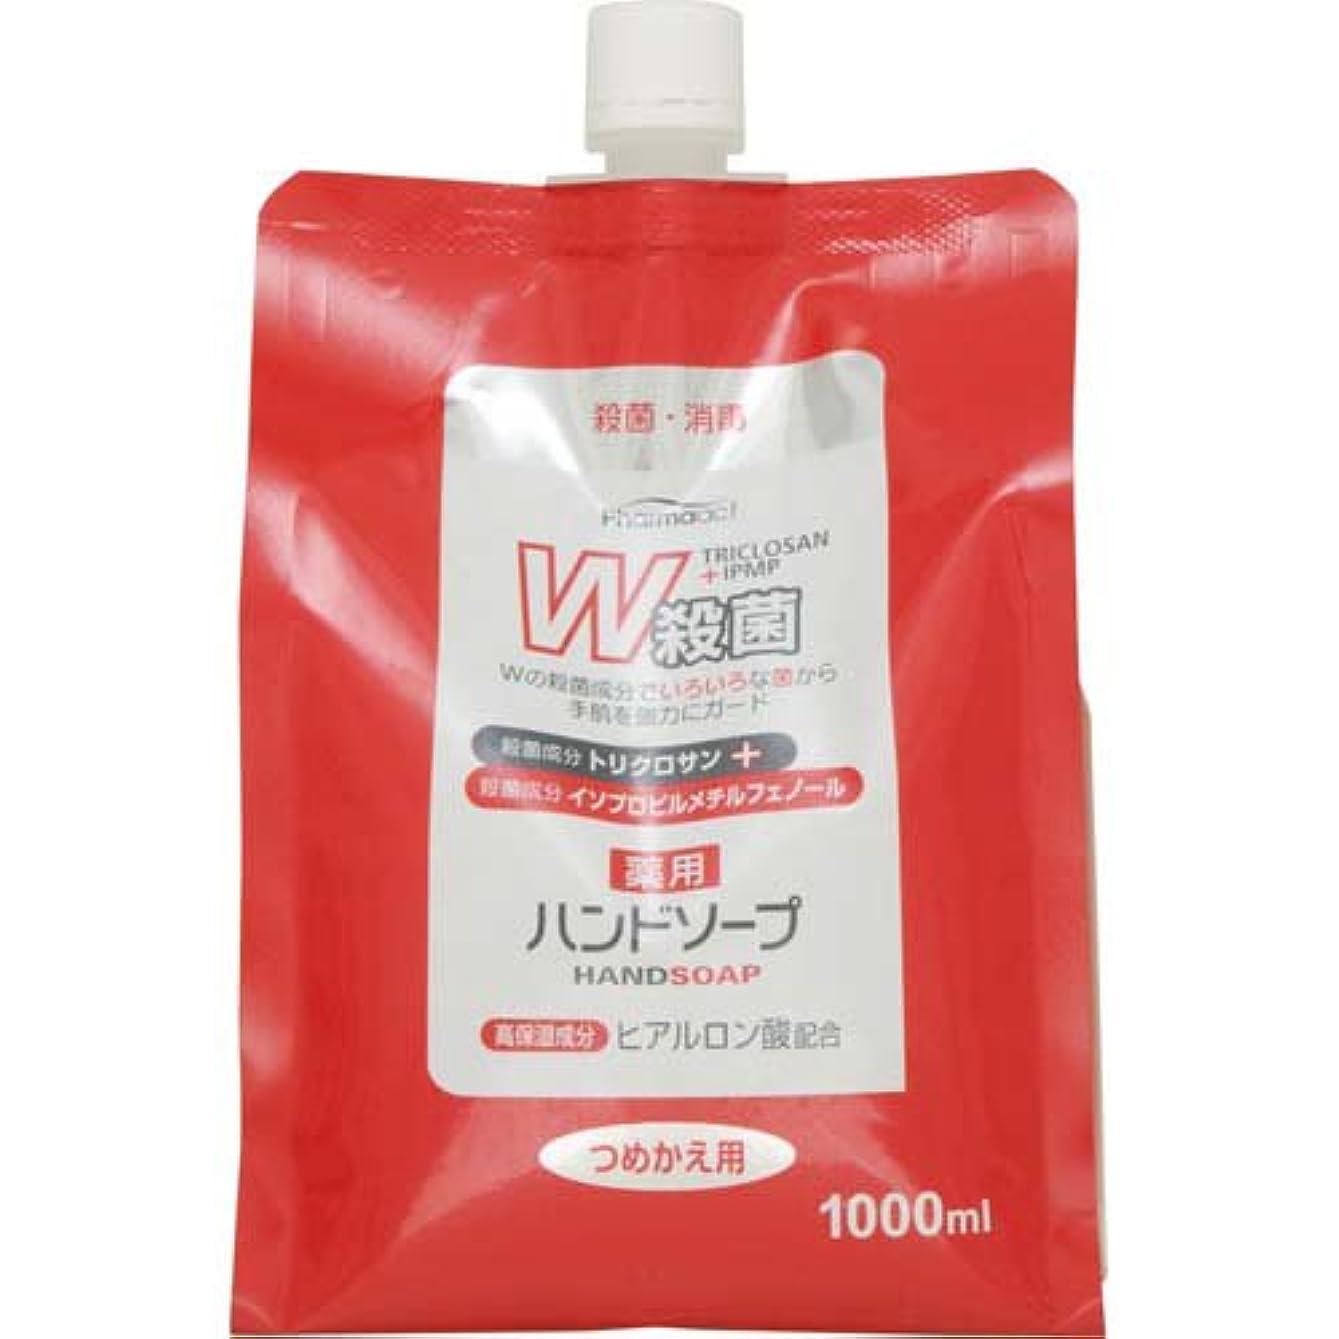 ペリスコープロードブロッキングファーマアクト W殺菌薬用ハンドソープ スパウト付き詰替 1000ml